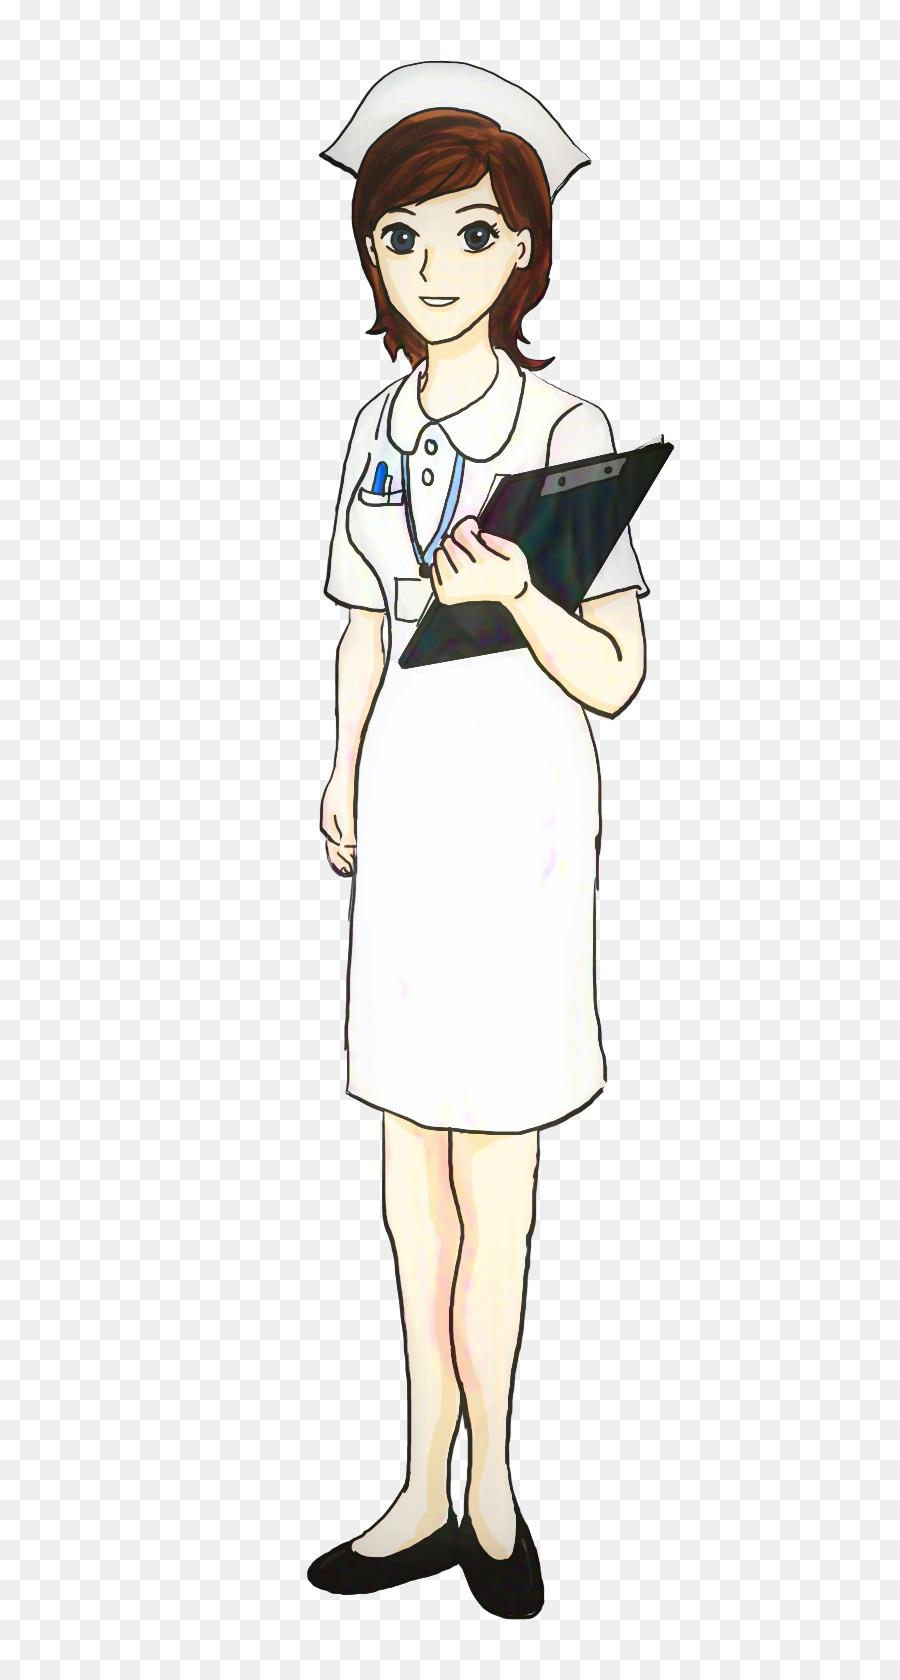 medium resolution of nursing school nursing hat cartoon standing png